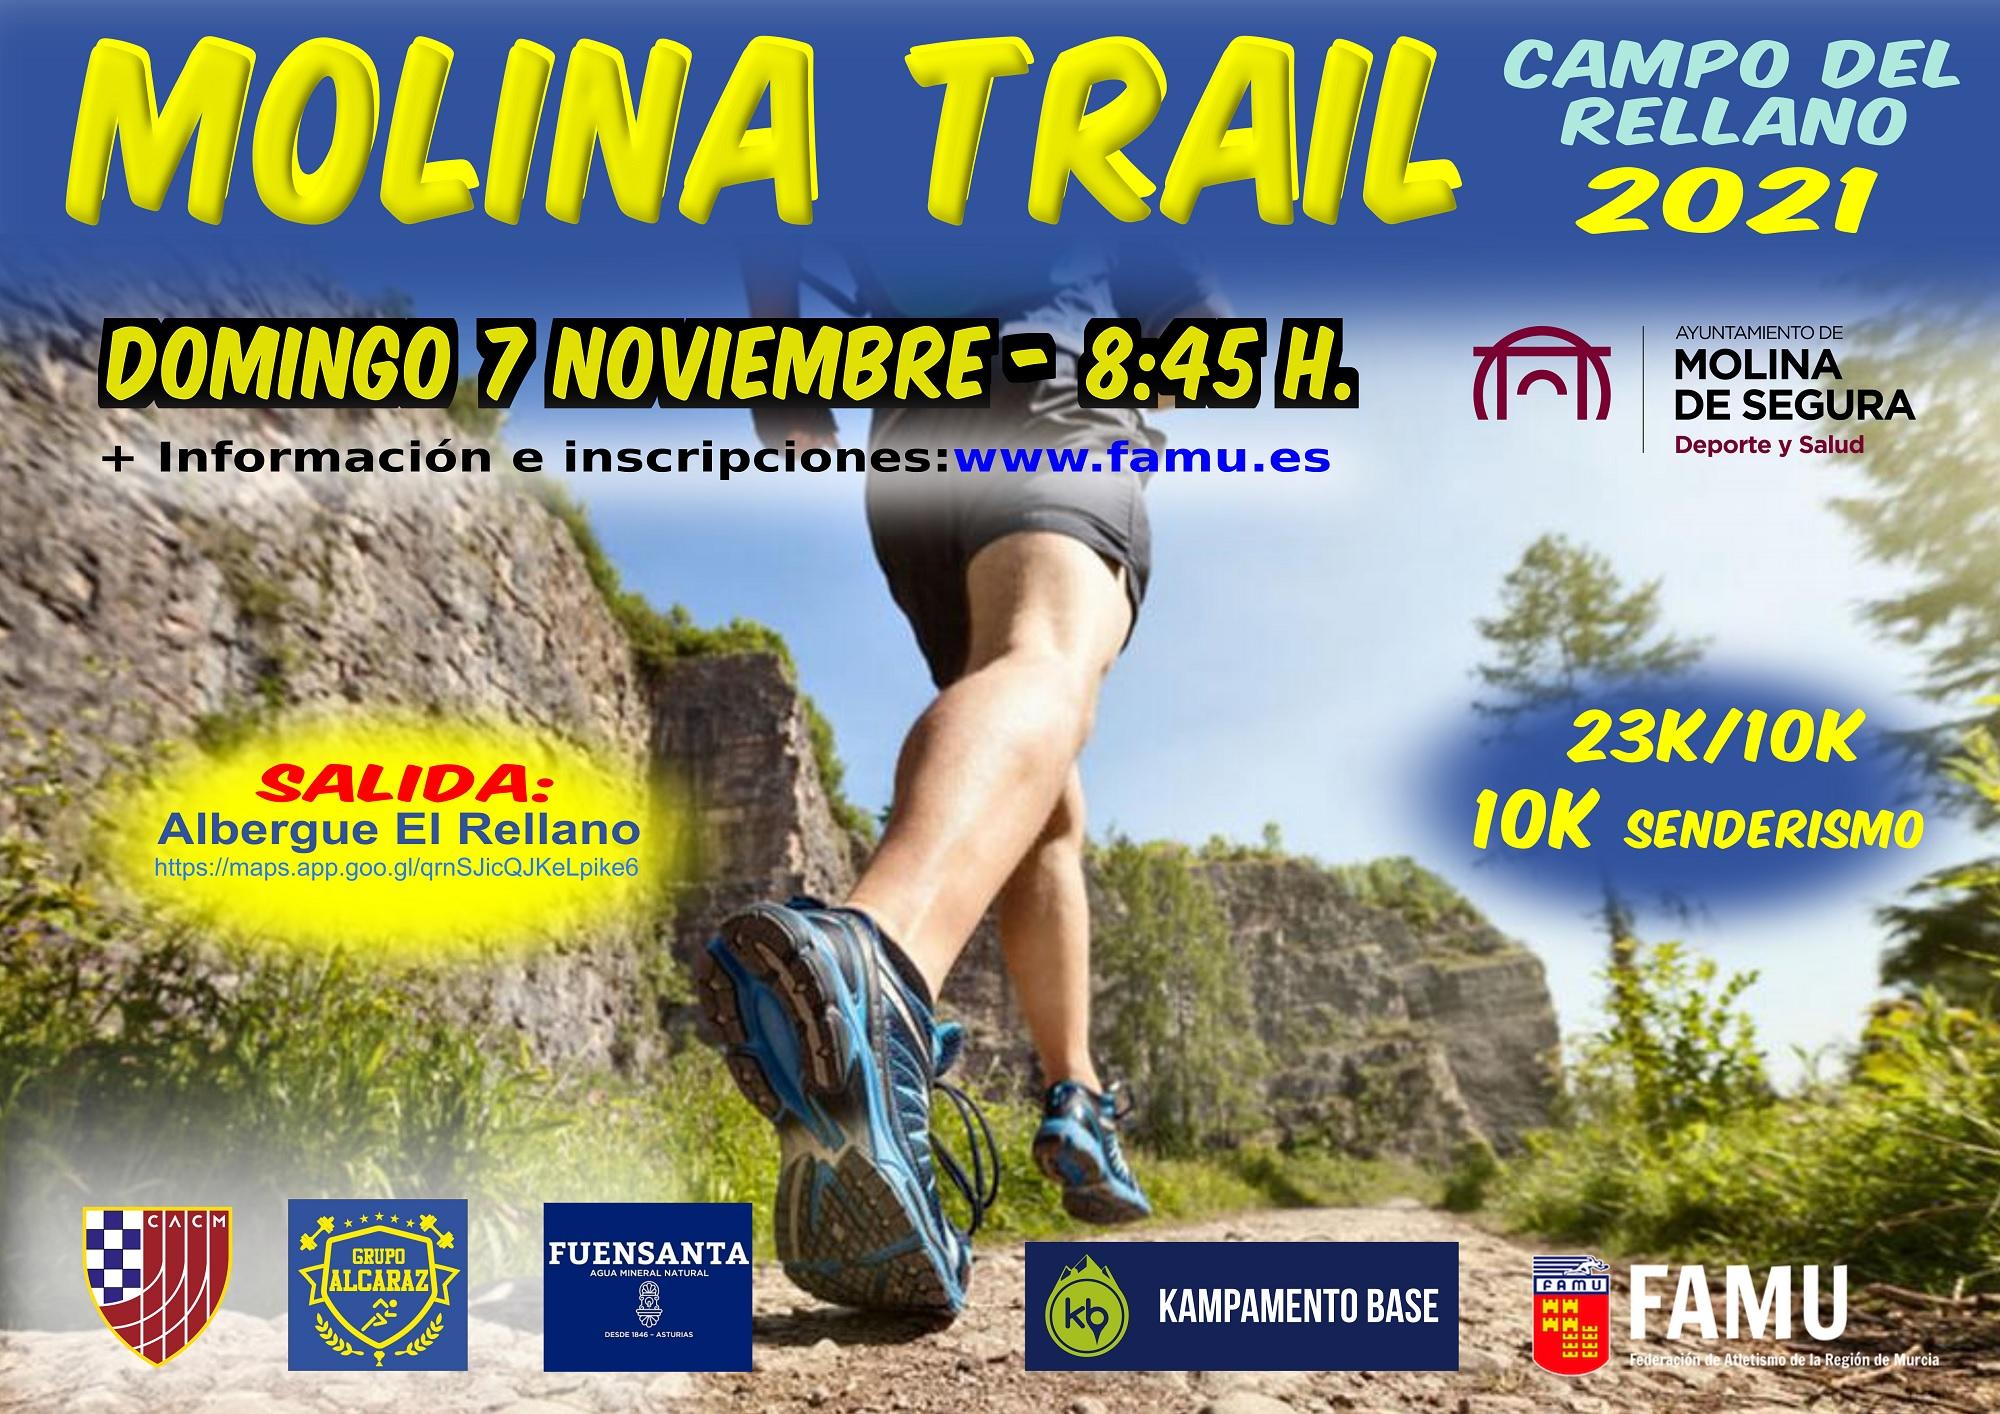 cartel-molina-trail-campo-del-rellano-2021